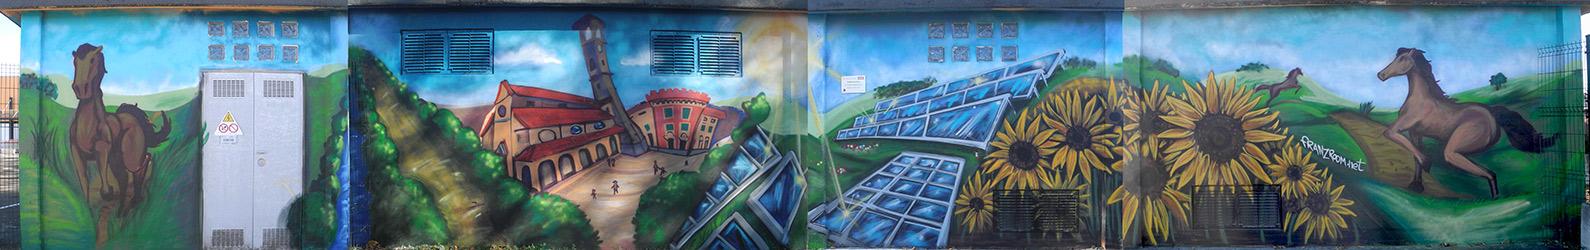 decorazione Cabina Enel a Capriata d'Orba - Andrea Franzosi, franZroom.net